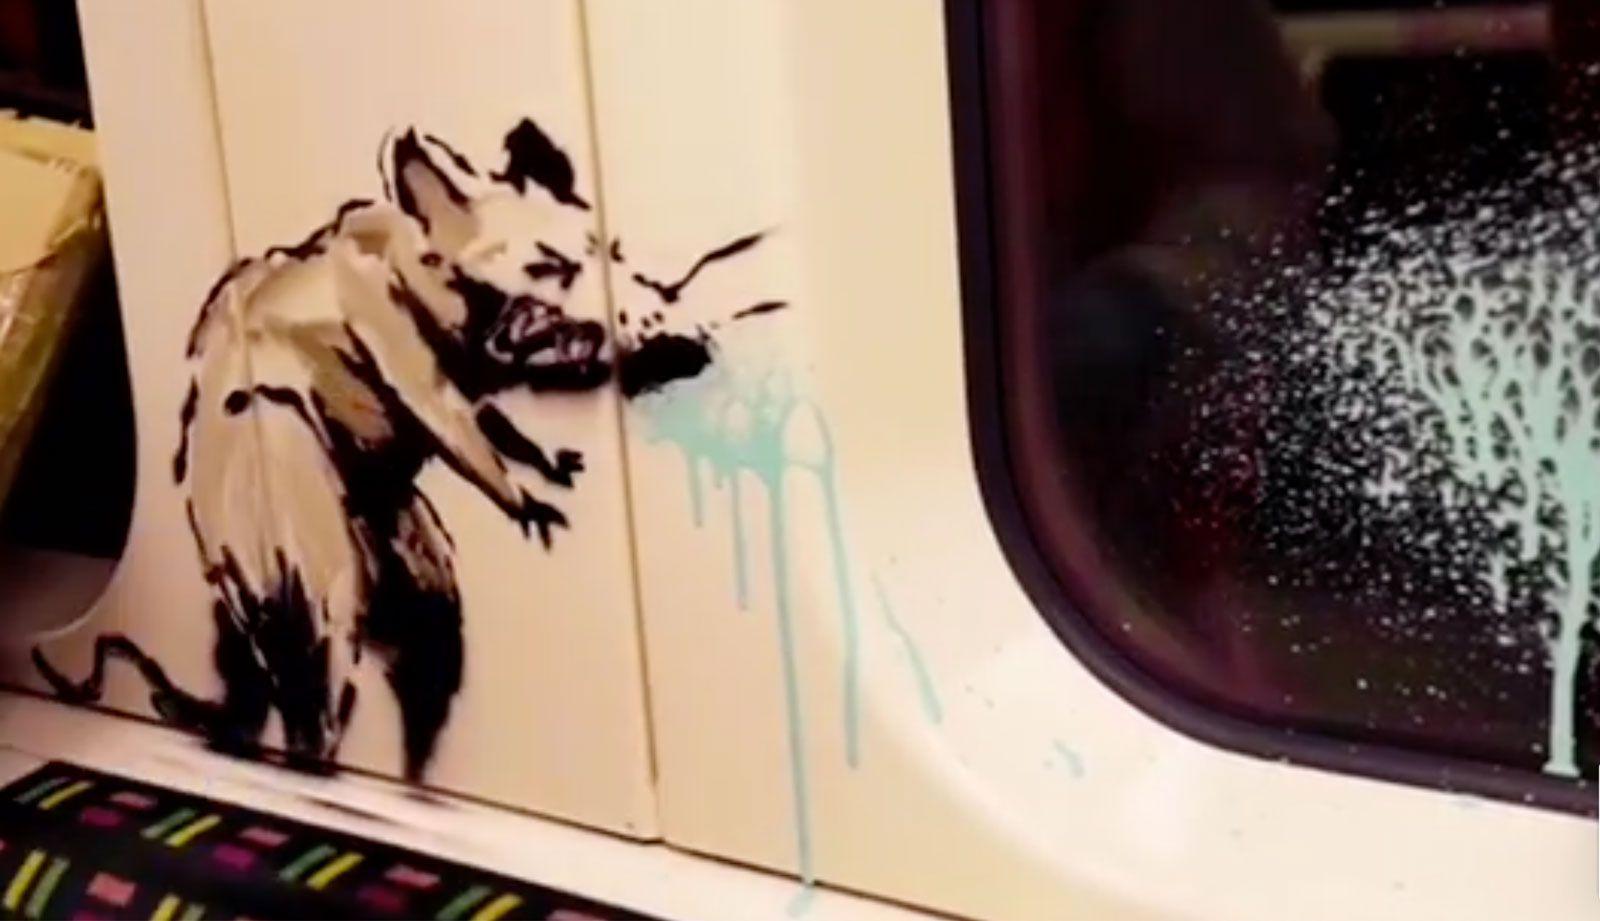 هنرنمایی بنکسی در مترو لندن با الهام از شیوع کرونا